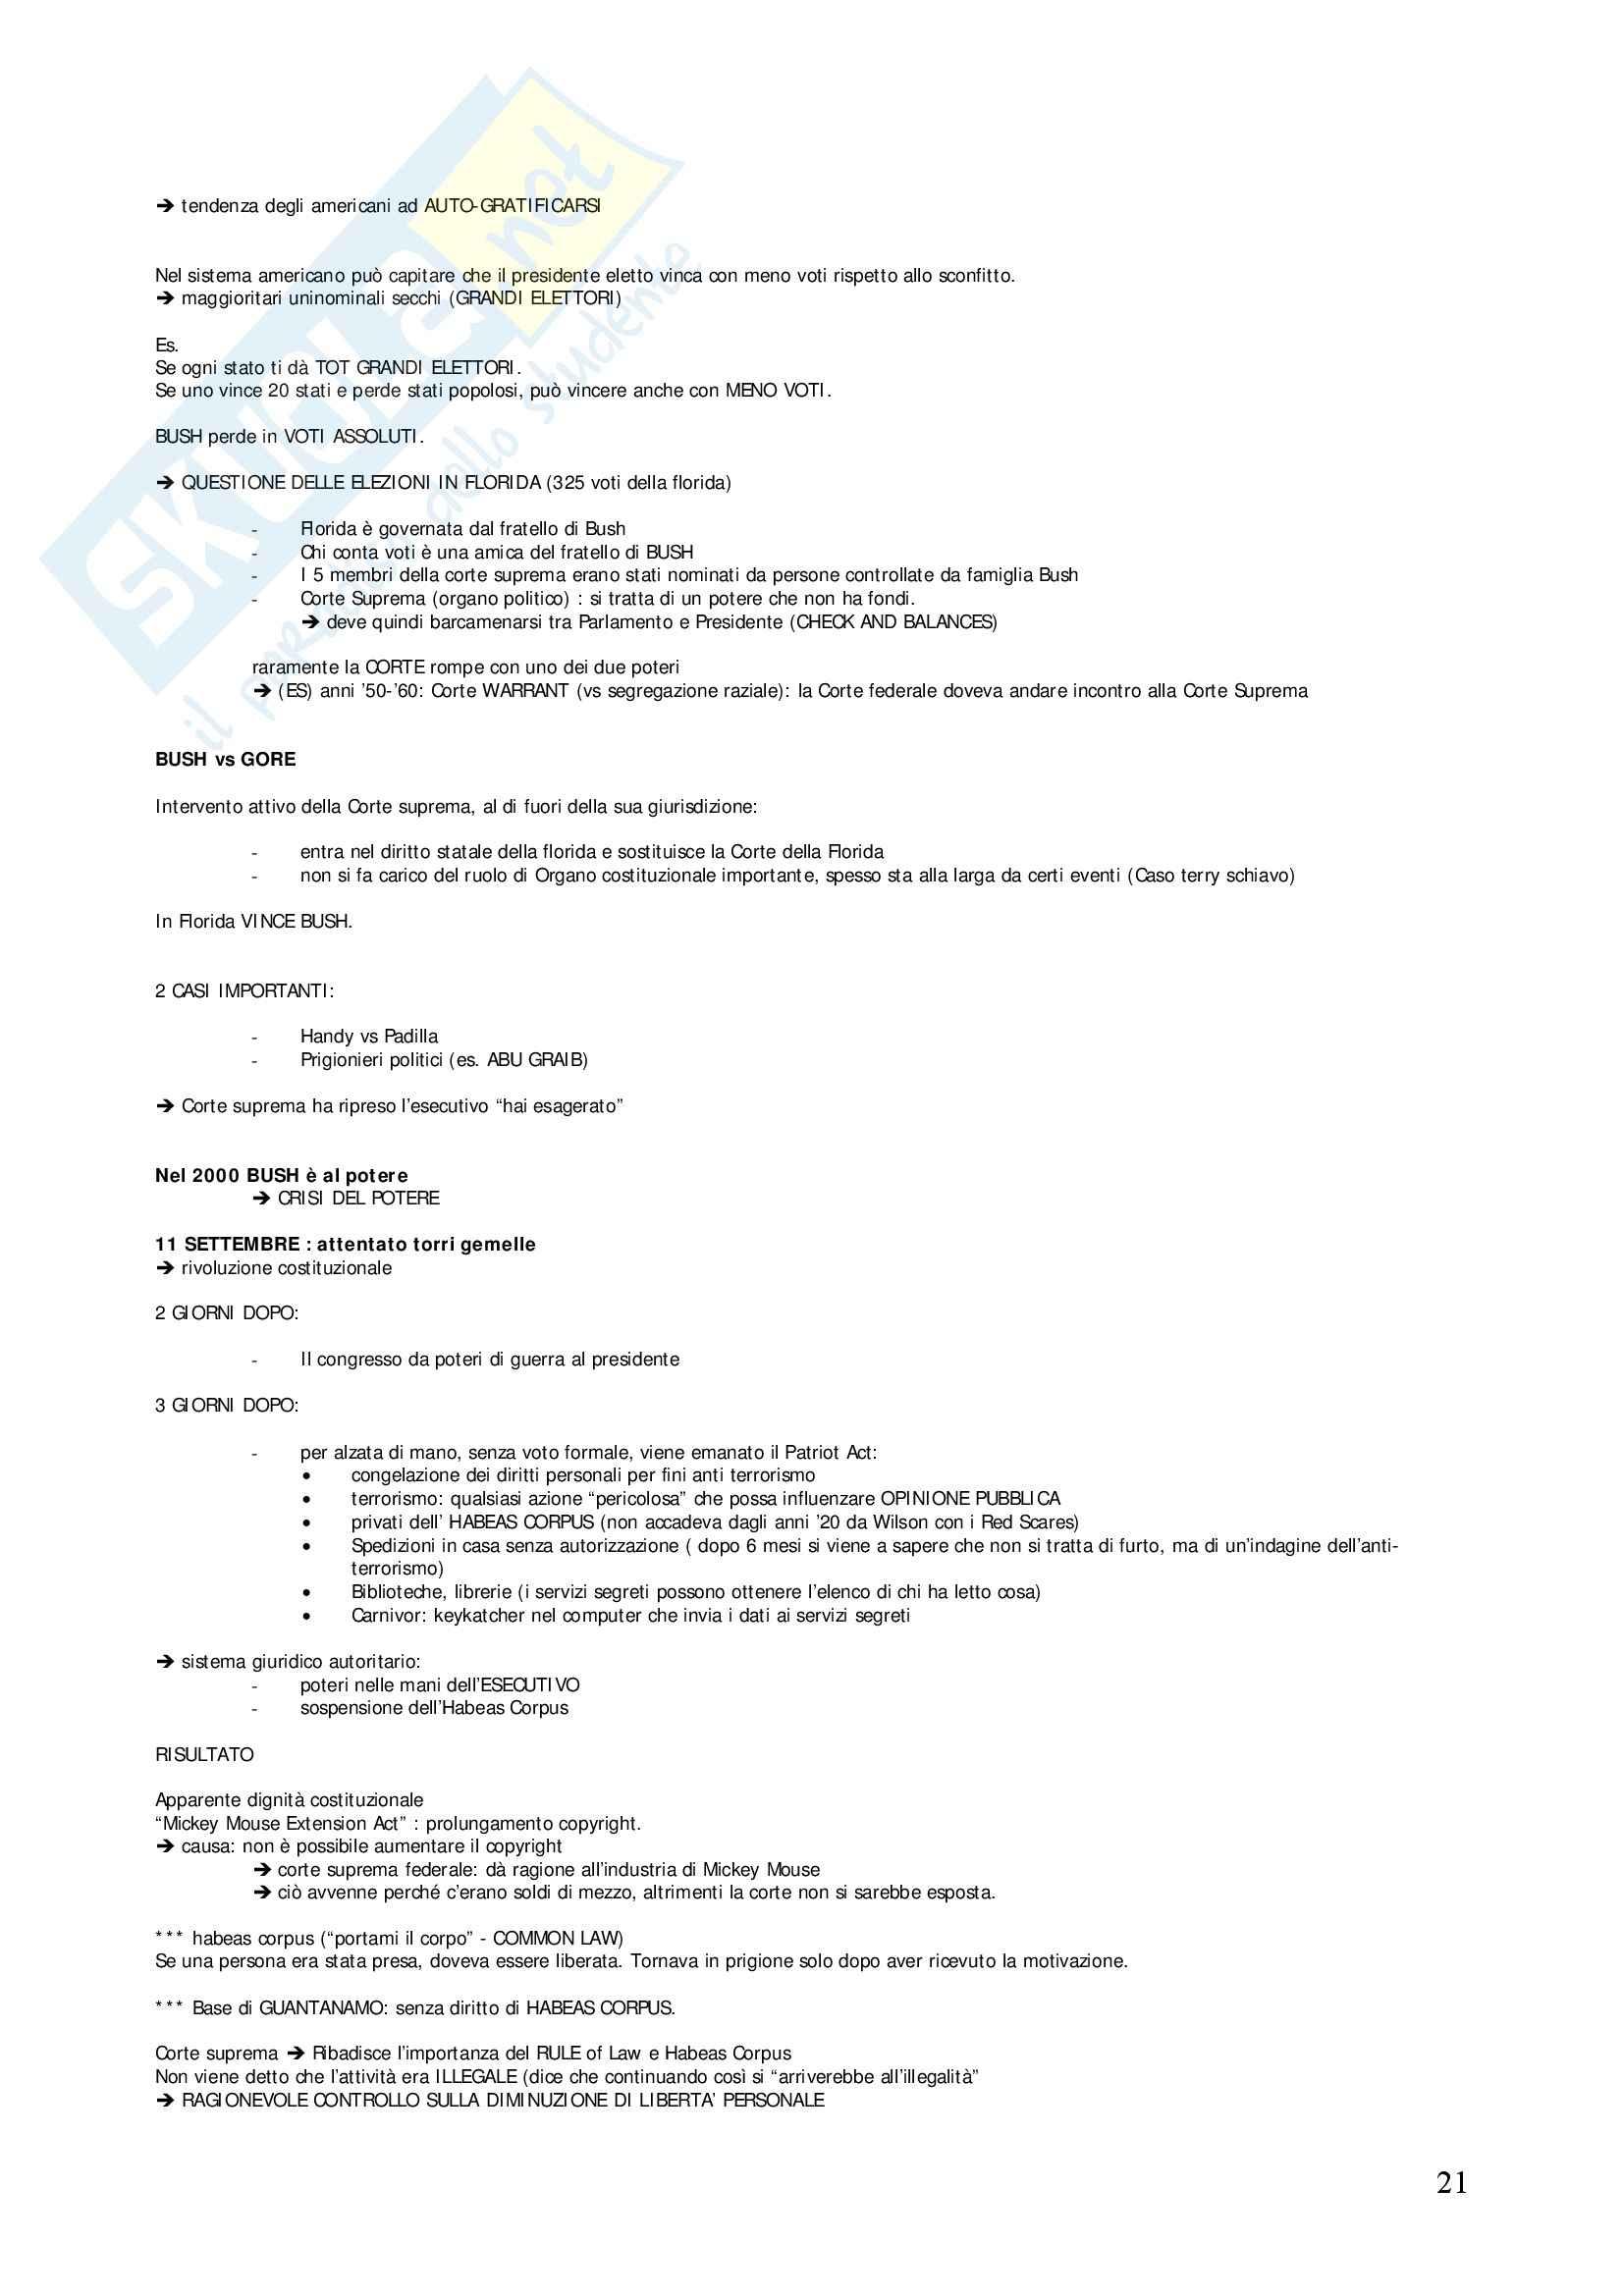 Diritto privato comparato - Appunti Pag. 21